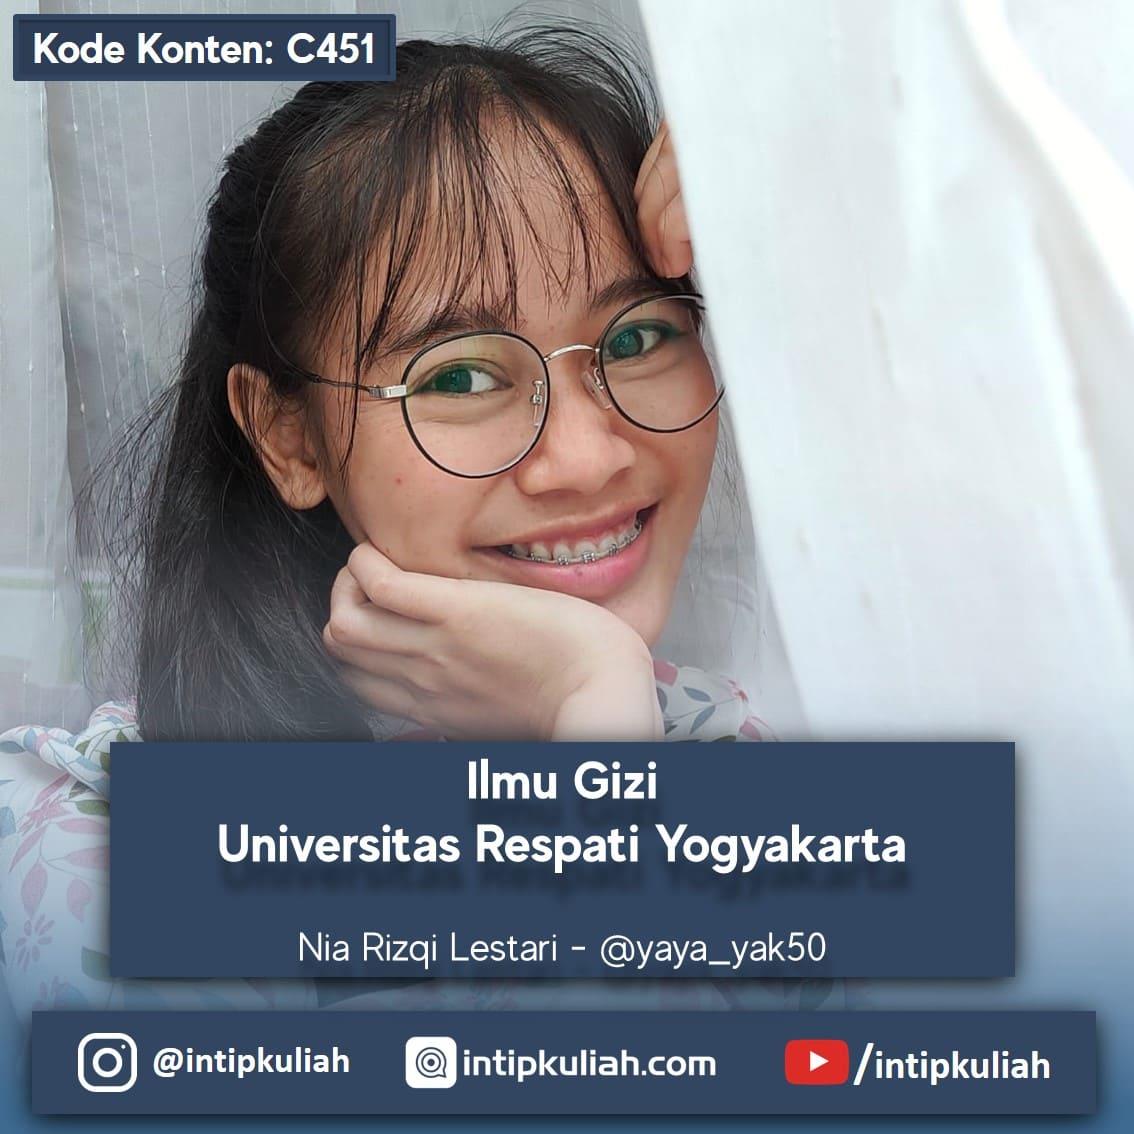 Ilmu Gizi Universitas Respati Yogyakarta (Nia)